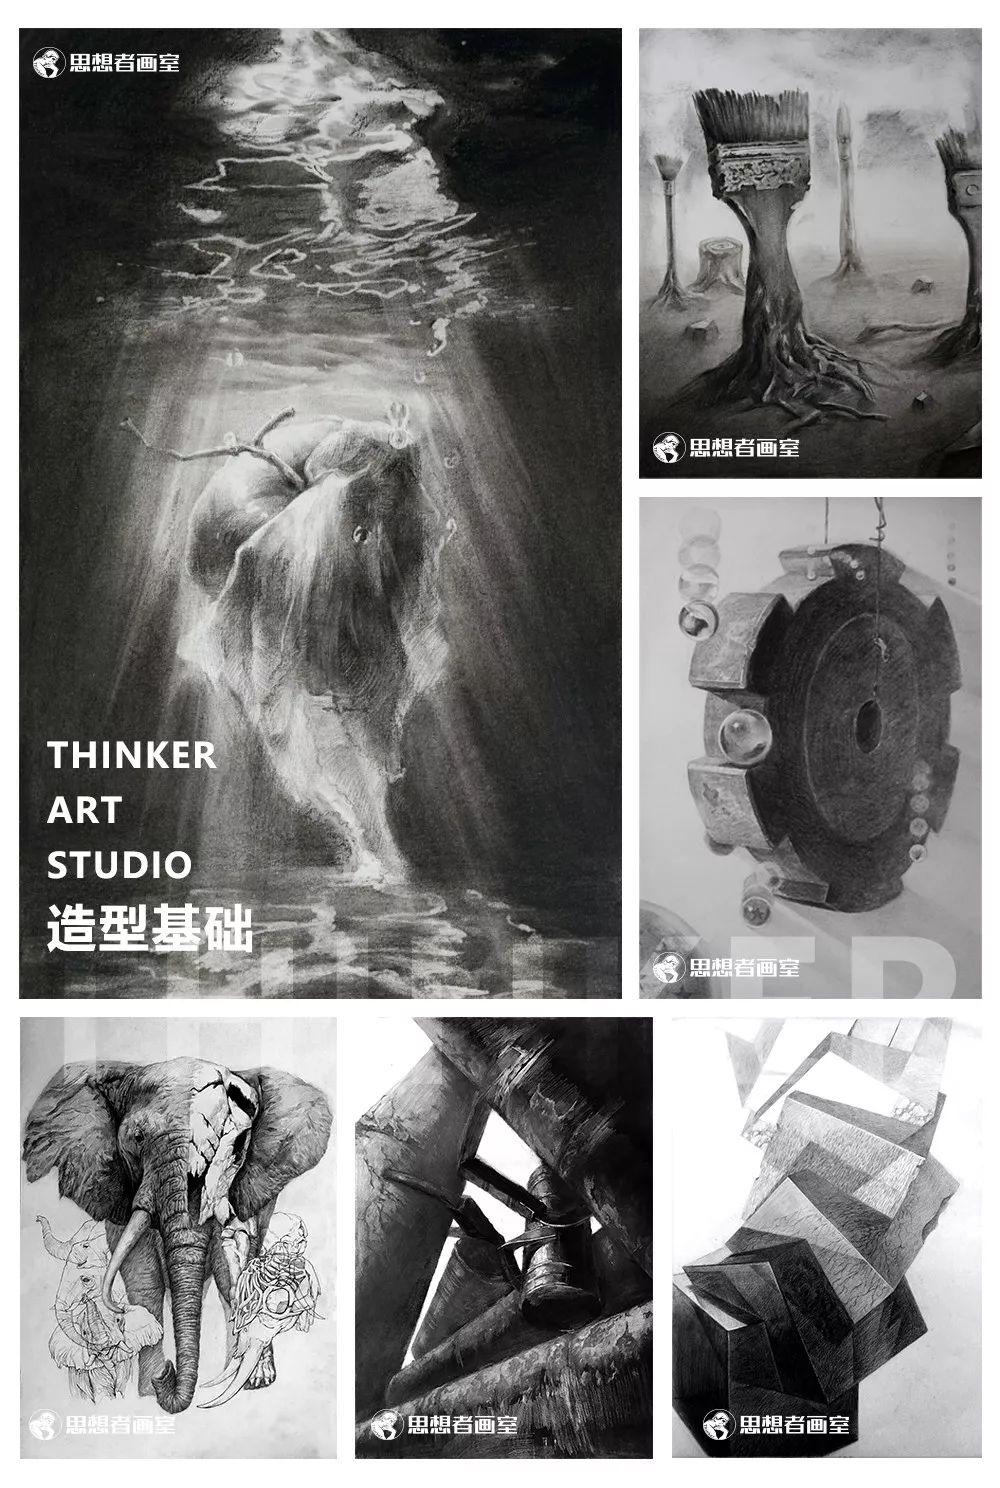 北京思想者画室预报名开启,北京画室招生,北京美术画室    09